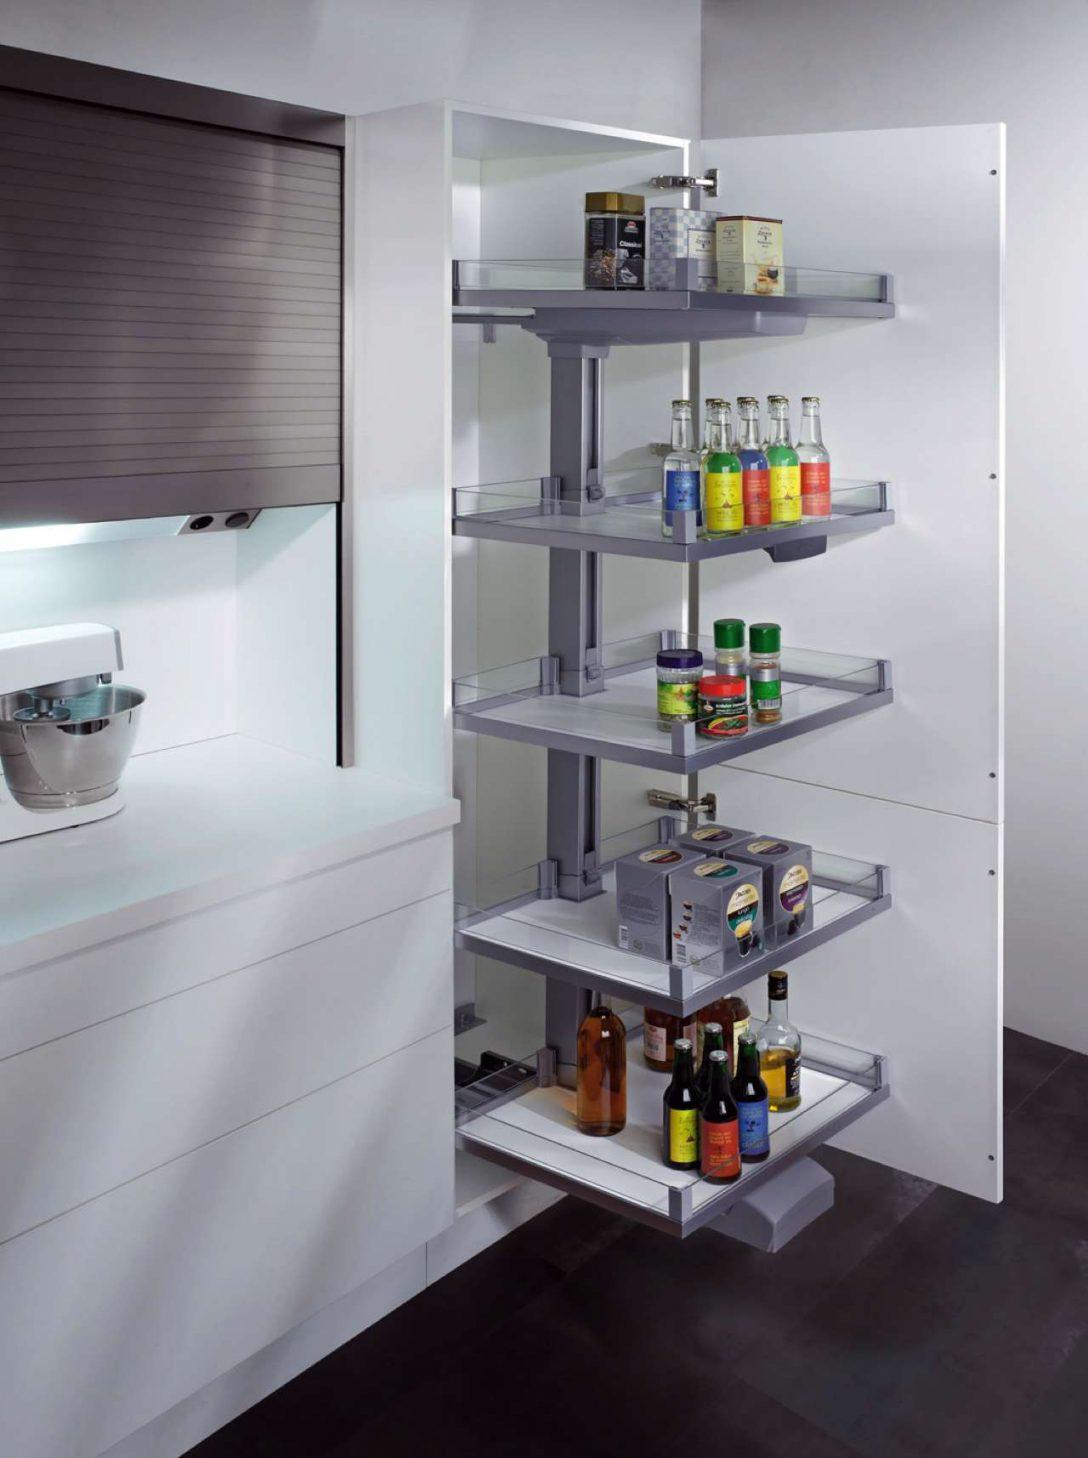 Large Size of Vorratsschrank Küche Wandregal Pendelleuchten Eckküche Mit Elektrogeräten Sitzbank Einbauküche Nobilia Griffe Aufbewahrung Arbeitsschuhe Doppelblock Küche Vorratsschrank Küche